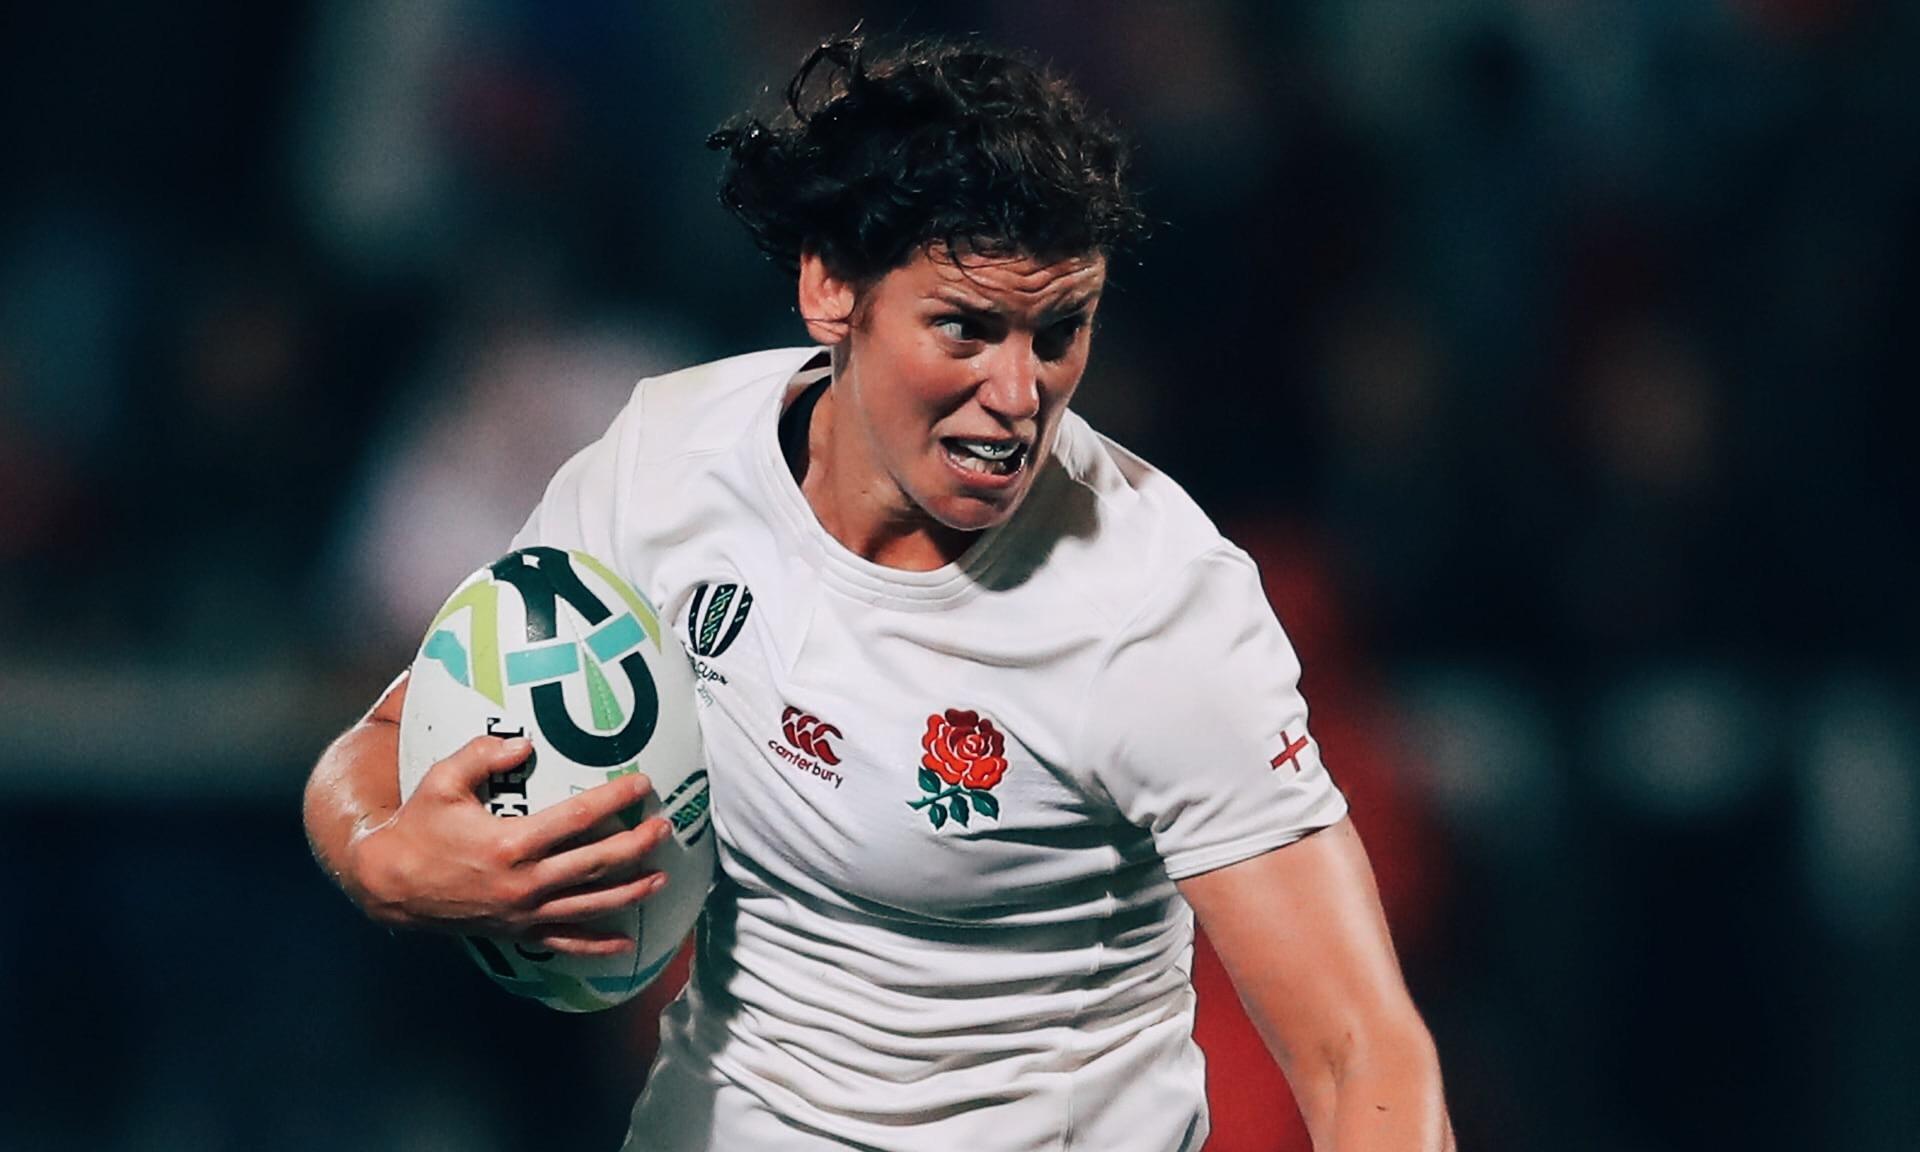 England captain Sarah Hunter